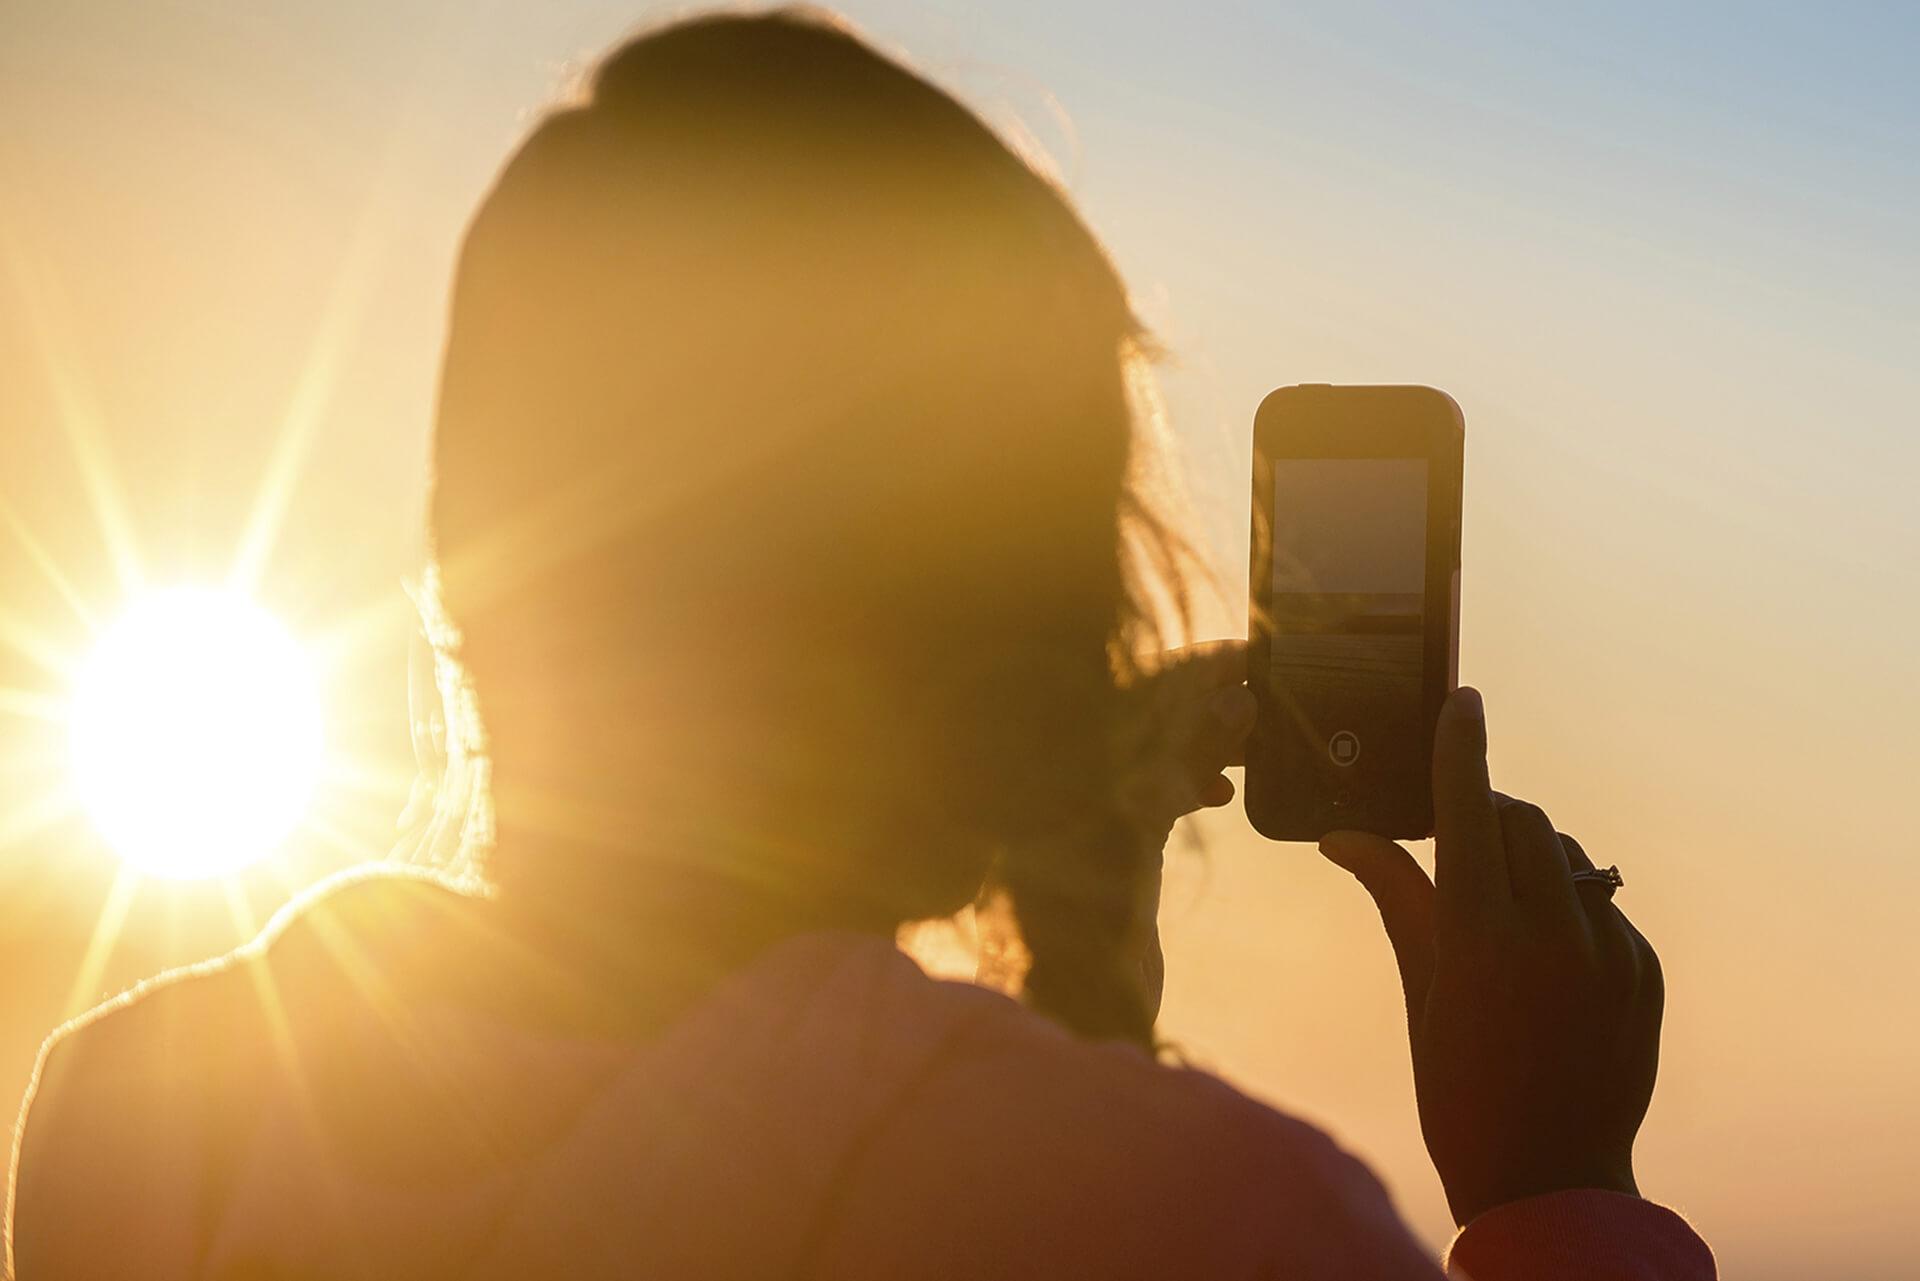 Produção e Edição de Vídeos para Smartphone